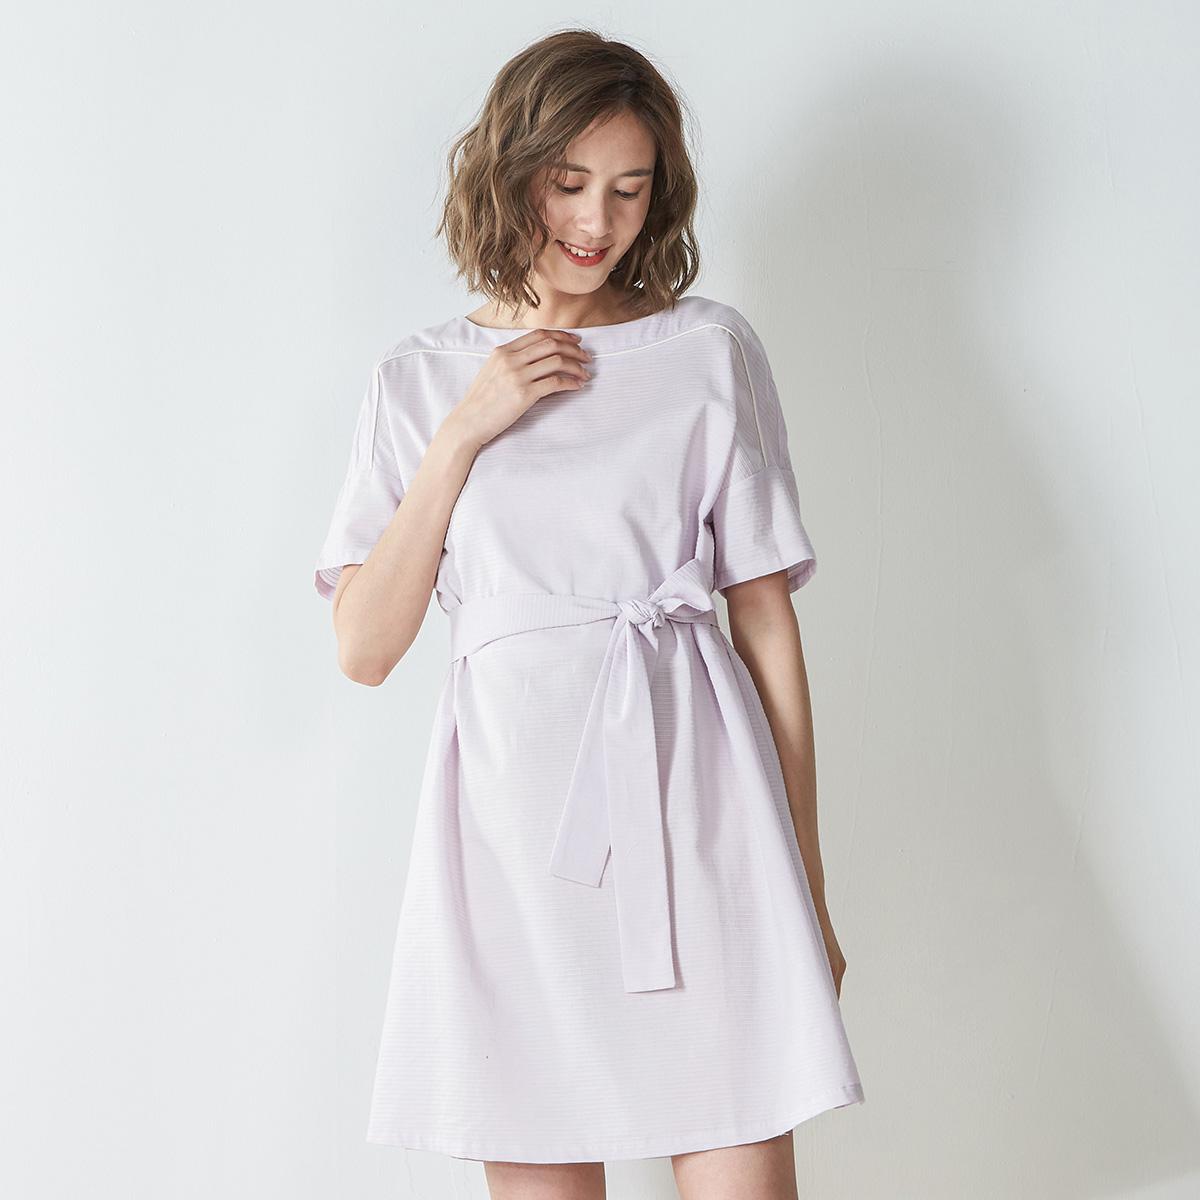 [Trung niên khuyến mãi] Đặt 2018 mùa hè mới bông mỏng ngắn tay đầm cung cổ tròn Một từ váy